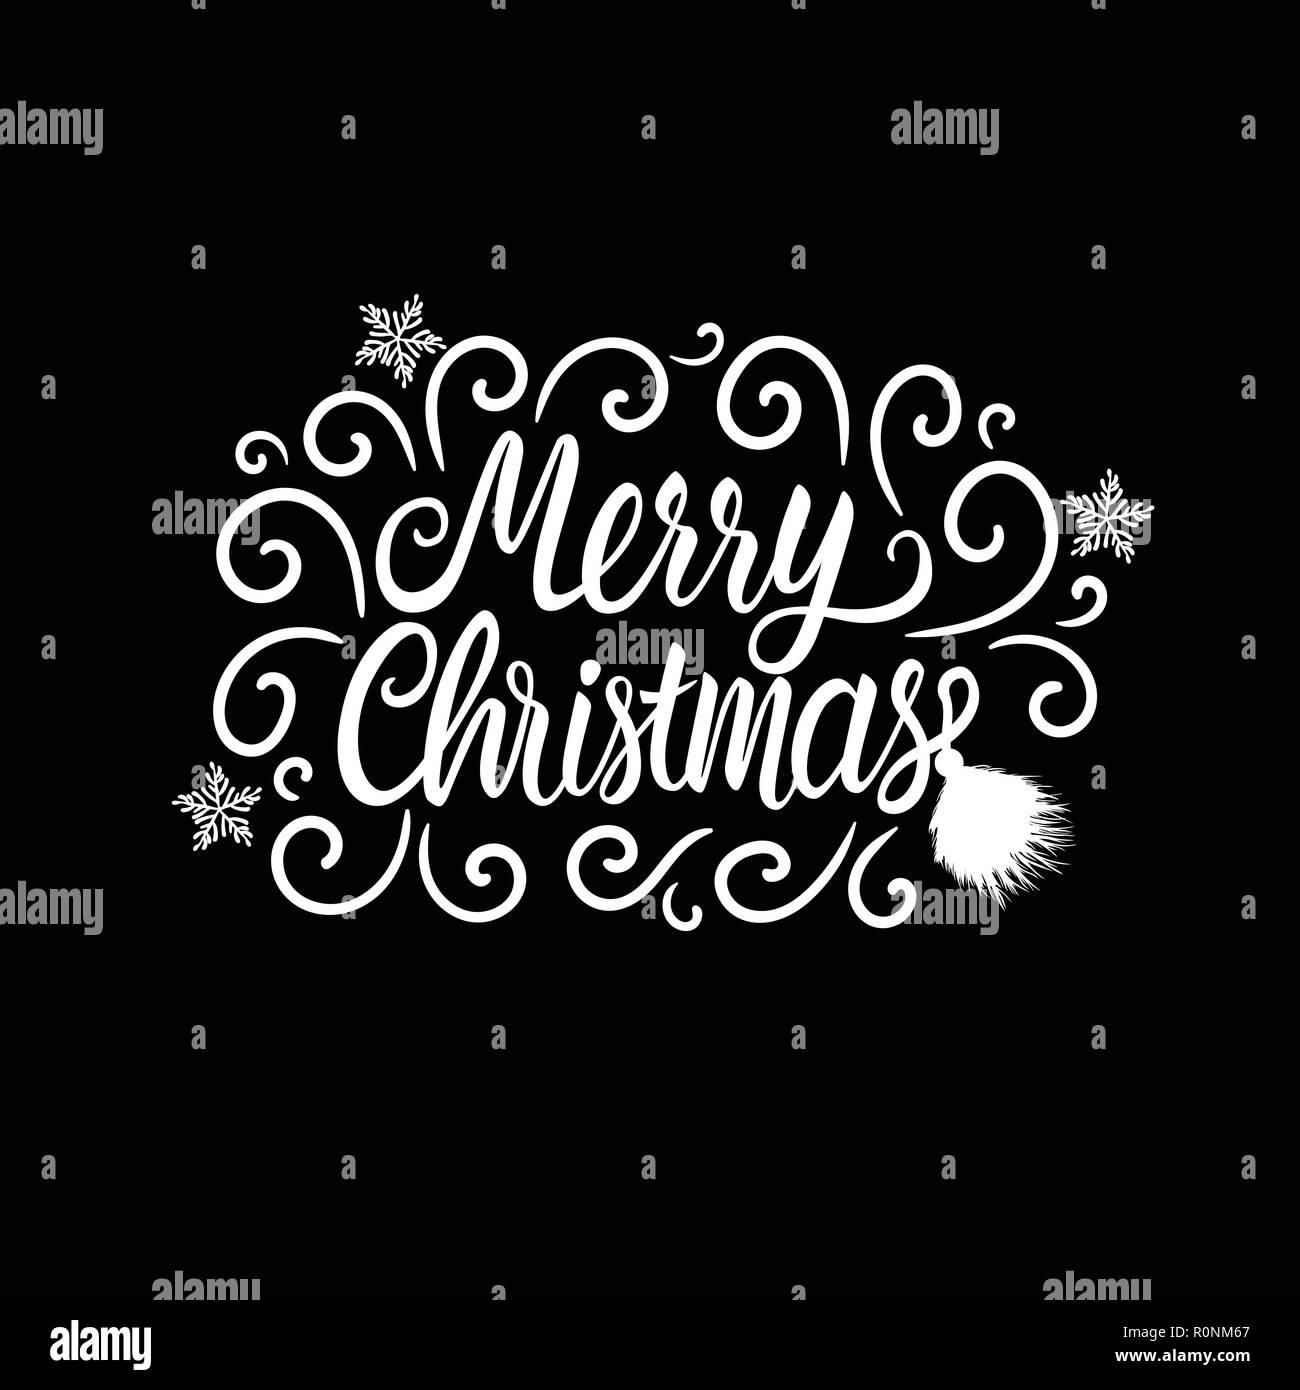 Immagini Con Scritte Di Buon Natale.Iscrizione Buon Natale Scritte Scheda Con Inverno Gelido